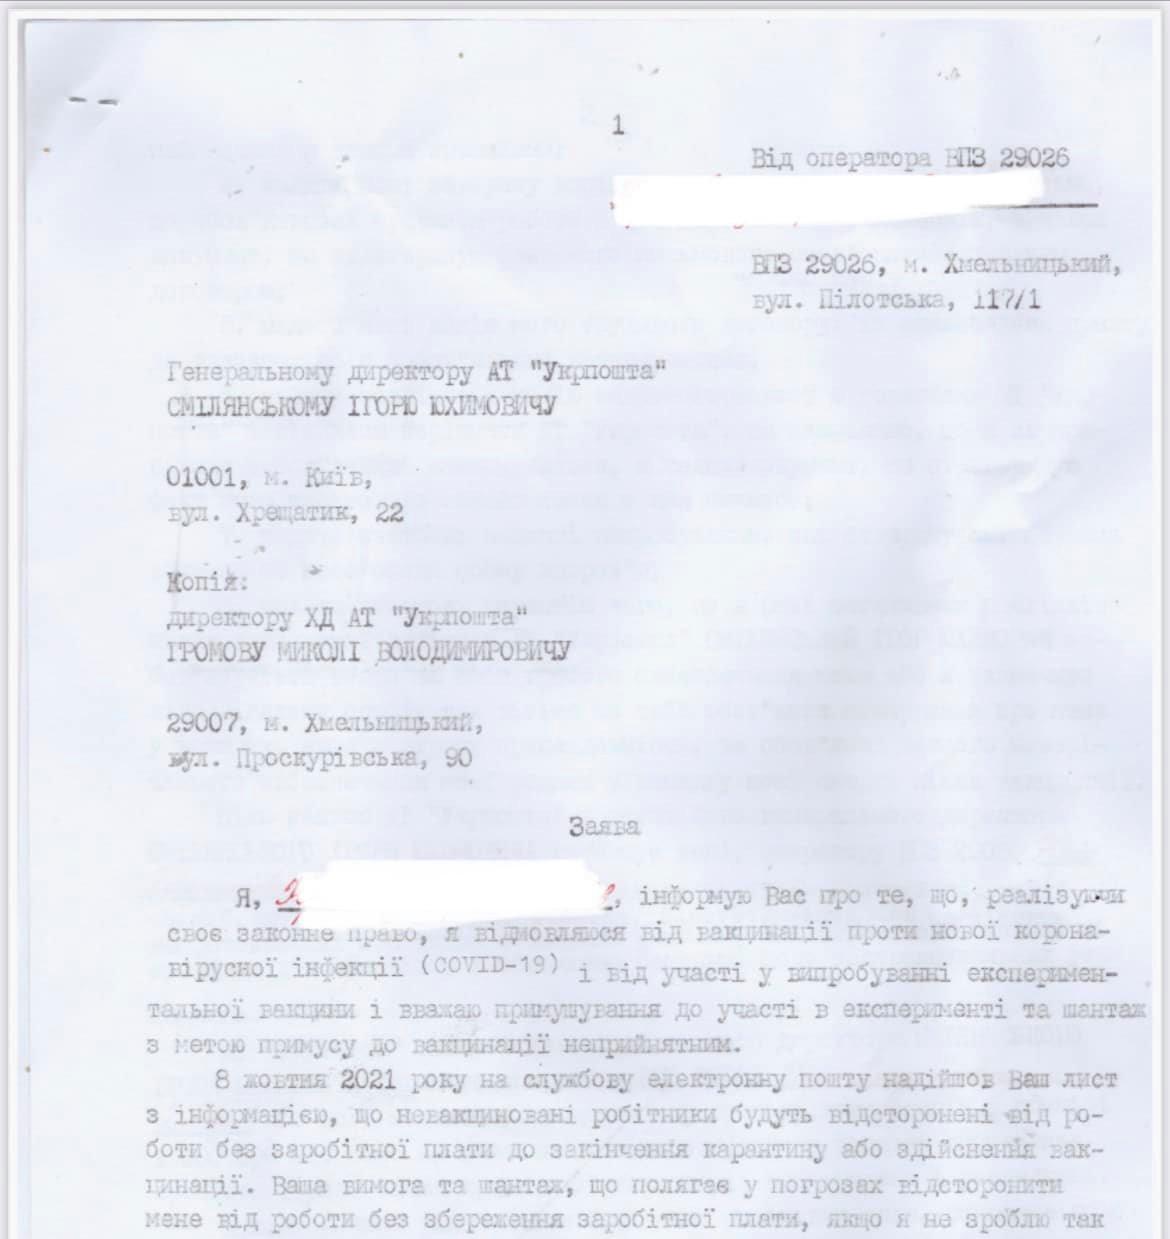 Сотрудник Укрпочты хзочте получить миллион ерво компенсации в случае побочного эфекта от вакцинаии. Скриншот из фейсбука Игоря Смелянского